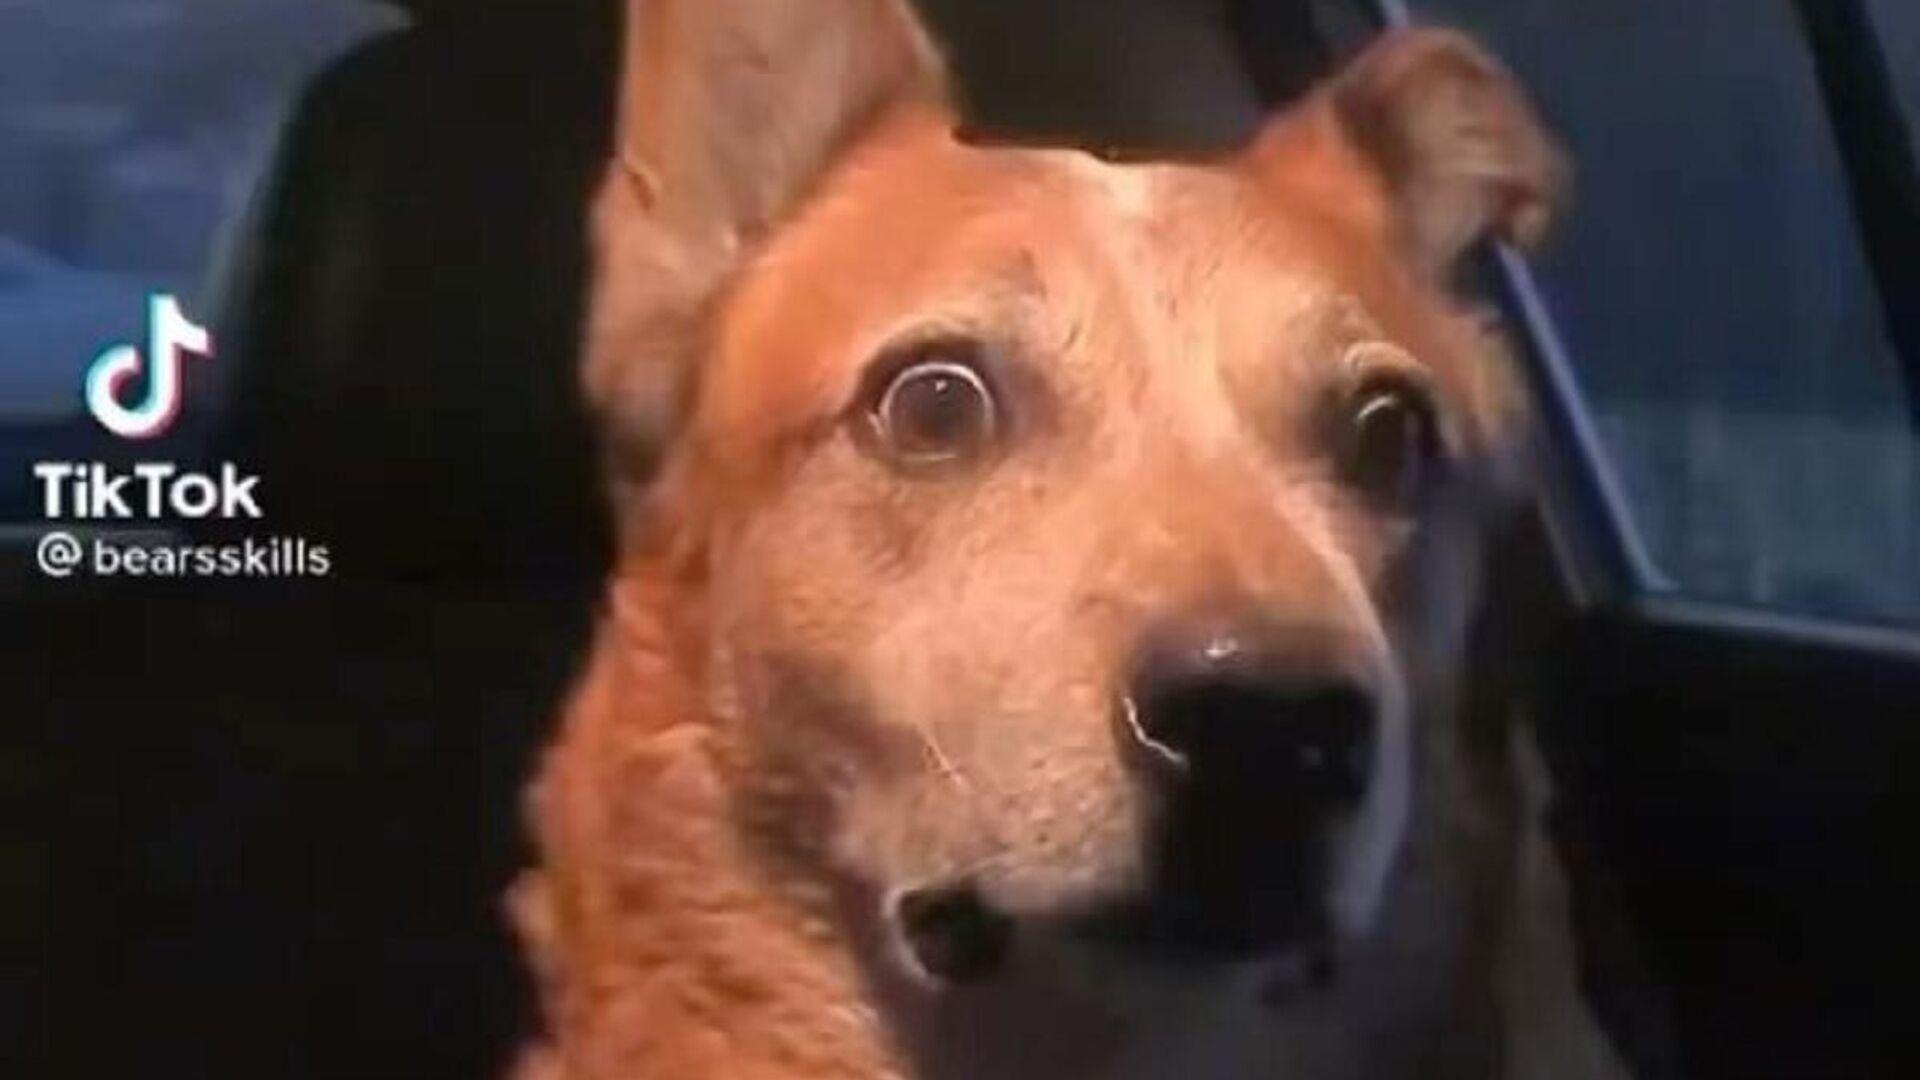 Dog Videos And Dog Pictures - Sputnik International, 1920, 21.09.2021